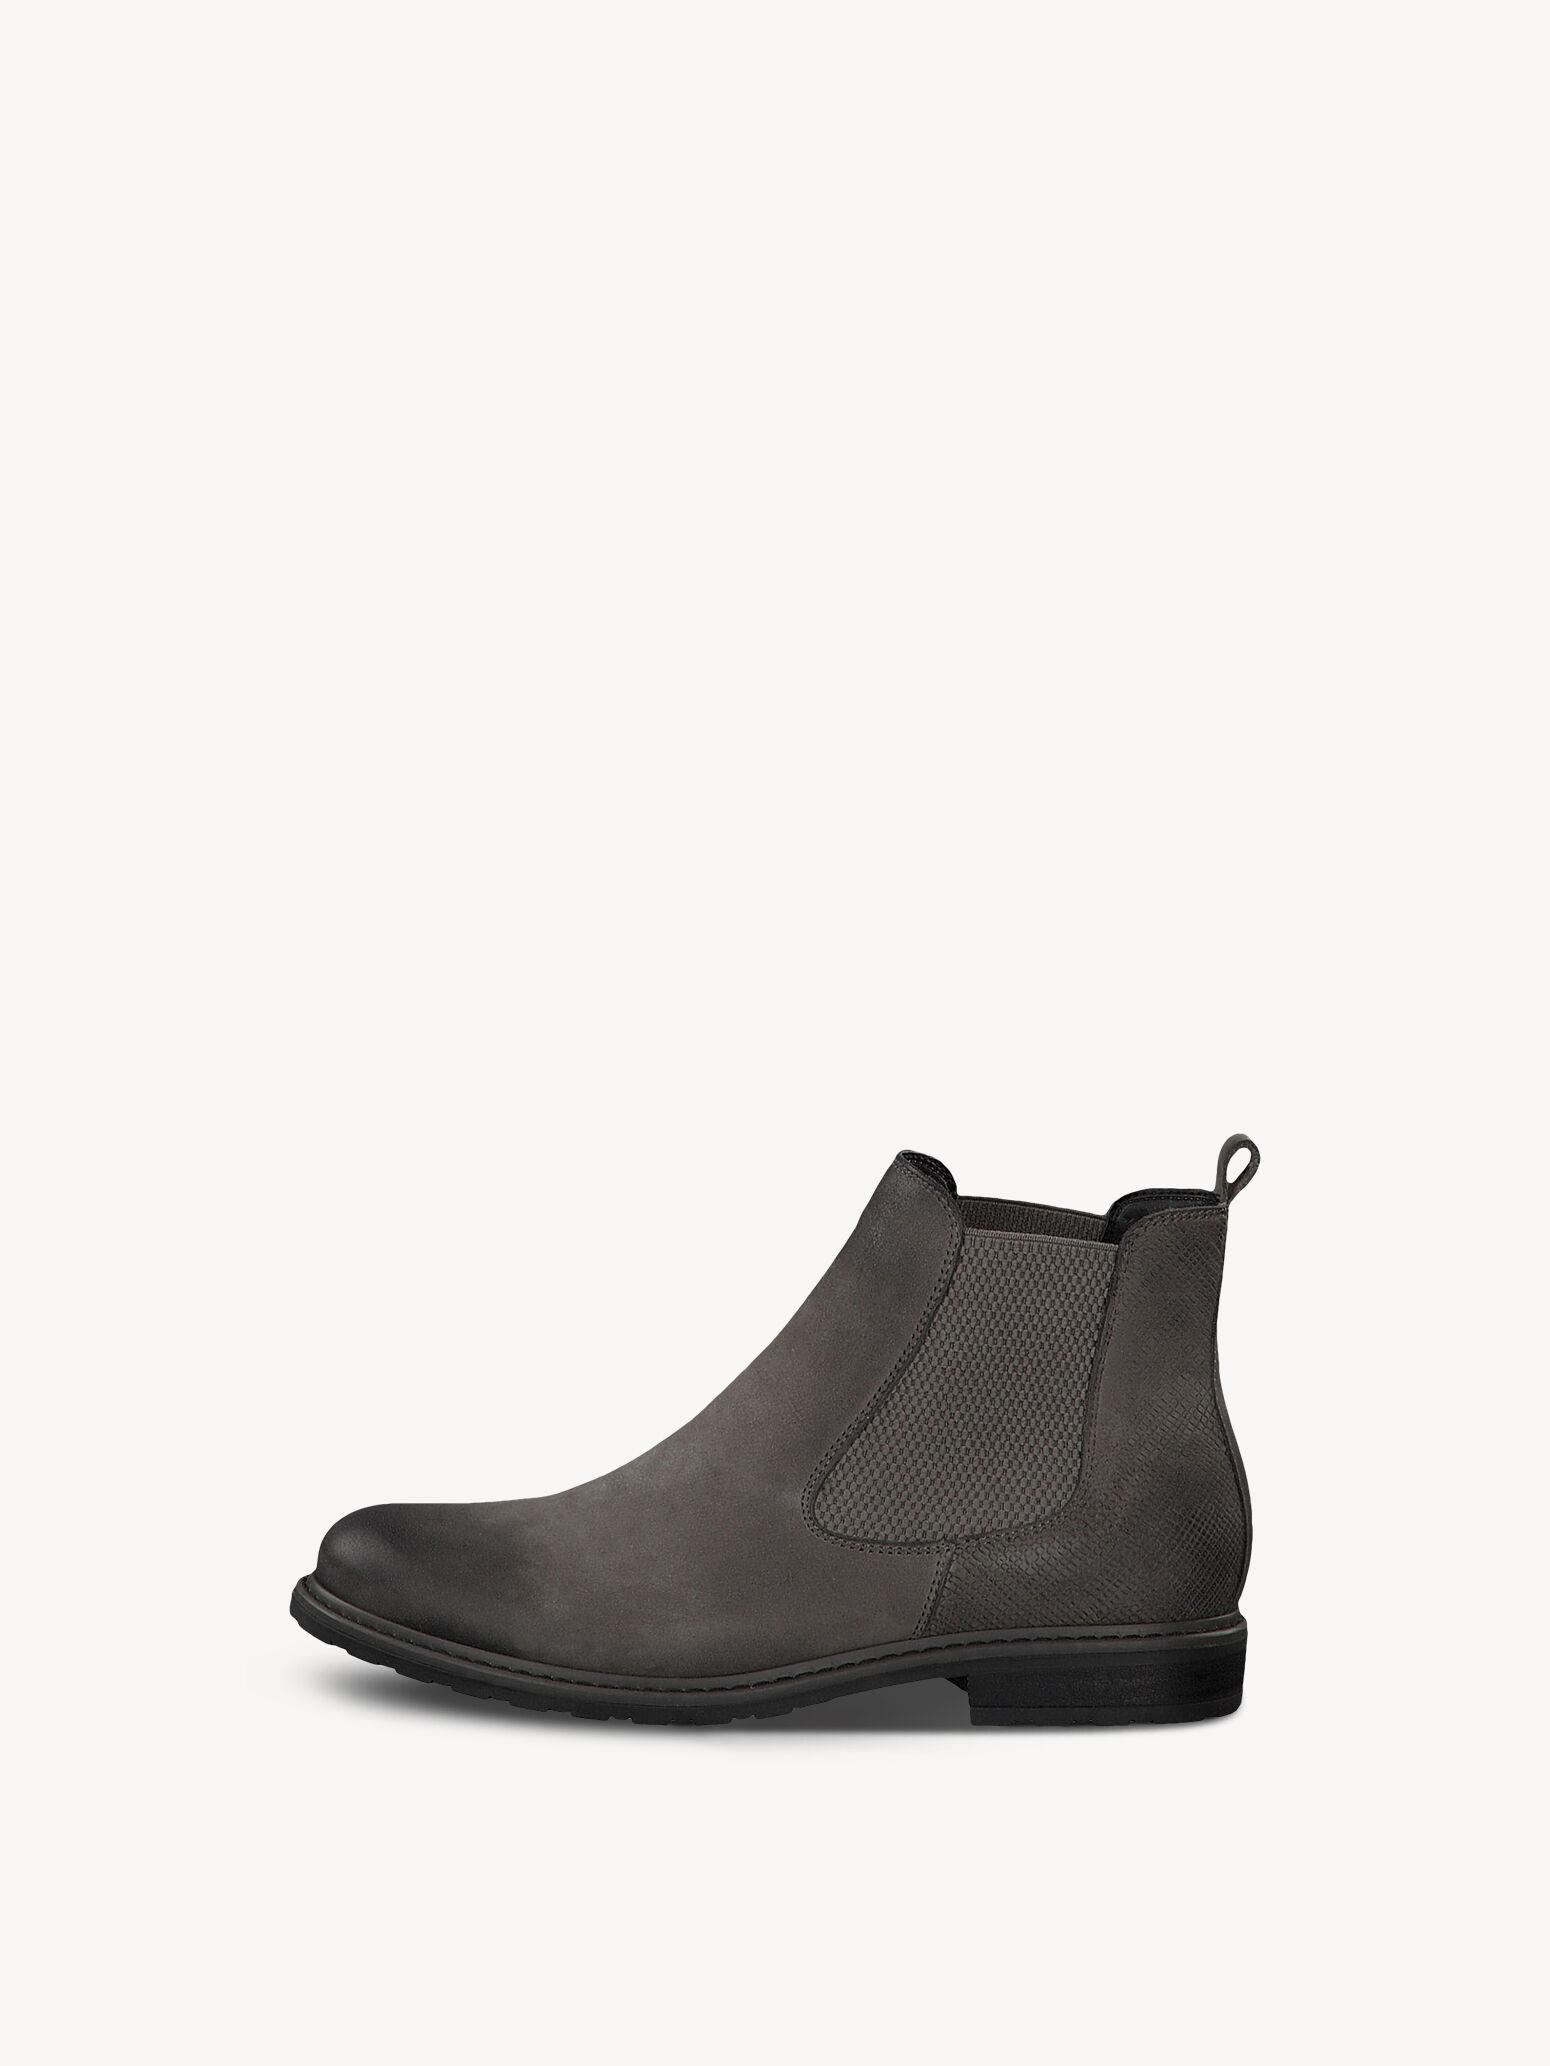 Chelsea Boots in grau für Damen online kaufen Tamaris